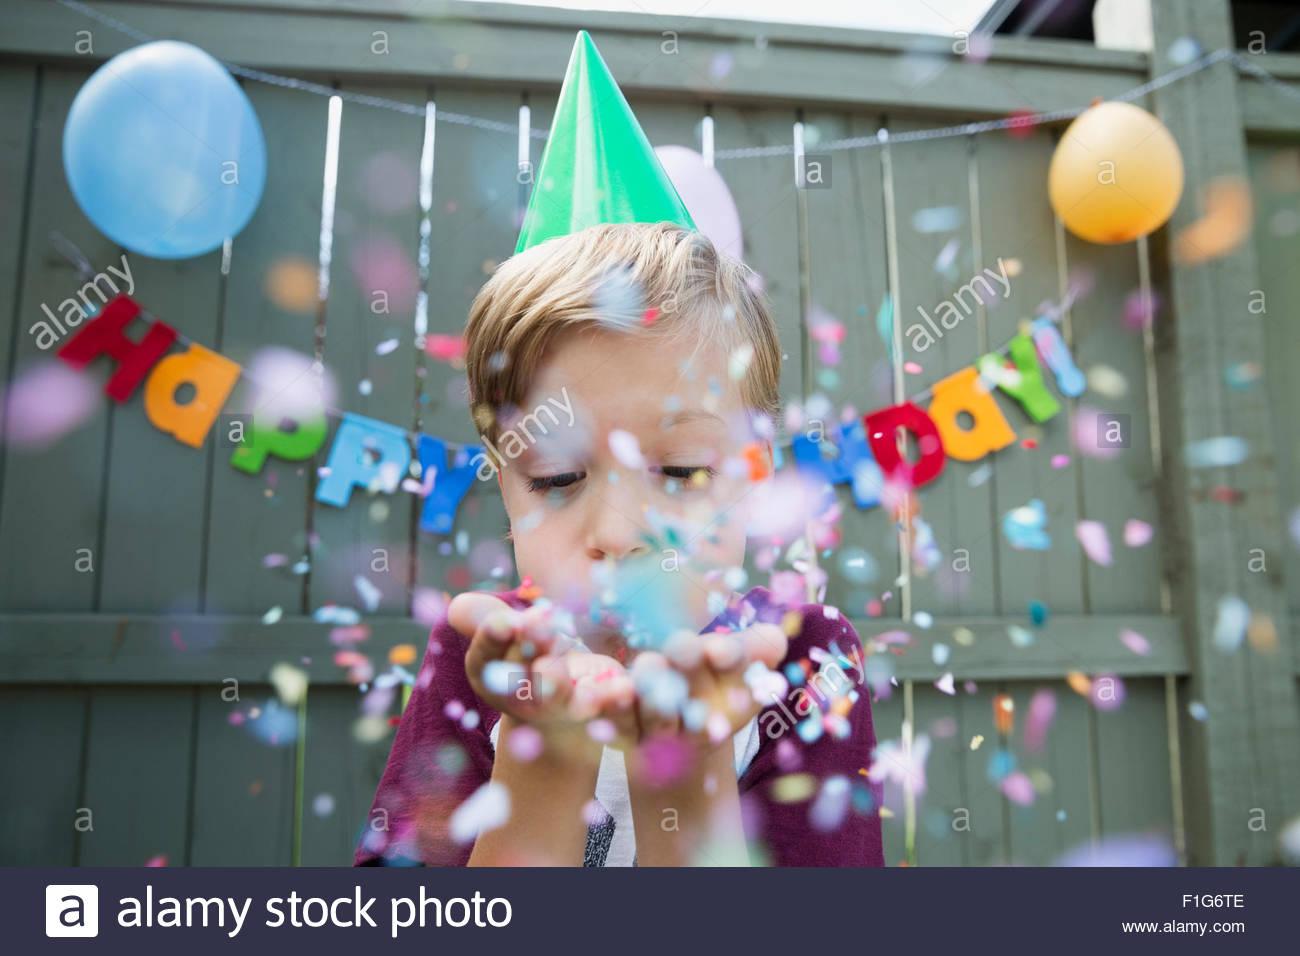 Muchacho soplando confeti llevar gorro de fiesta de cumpleaños Imagen De Stock